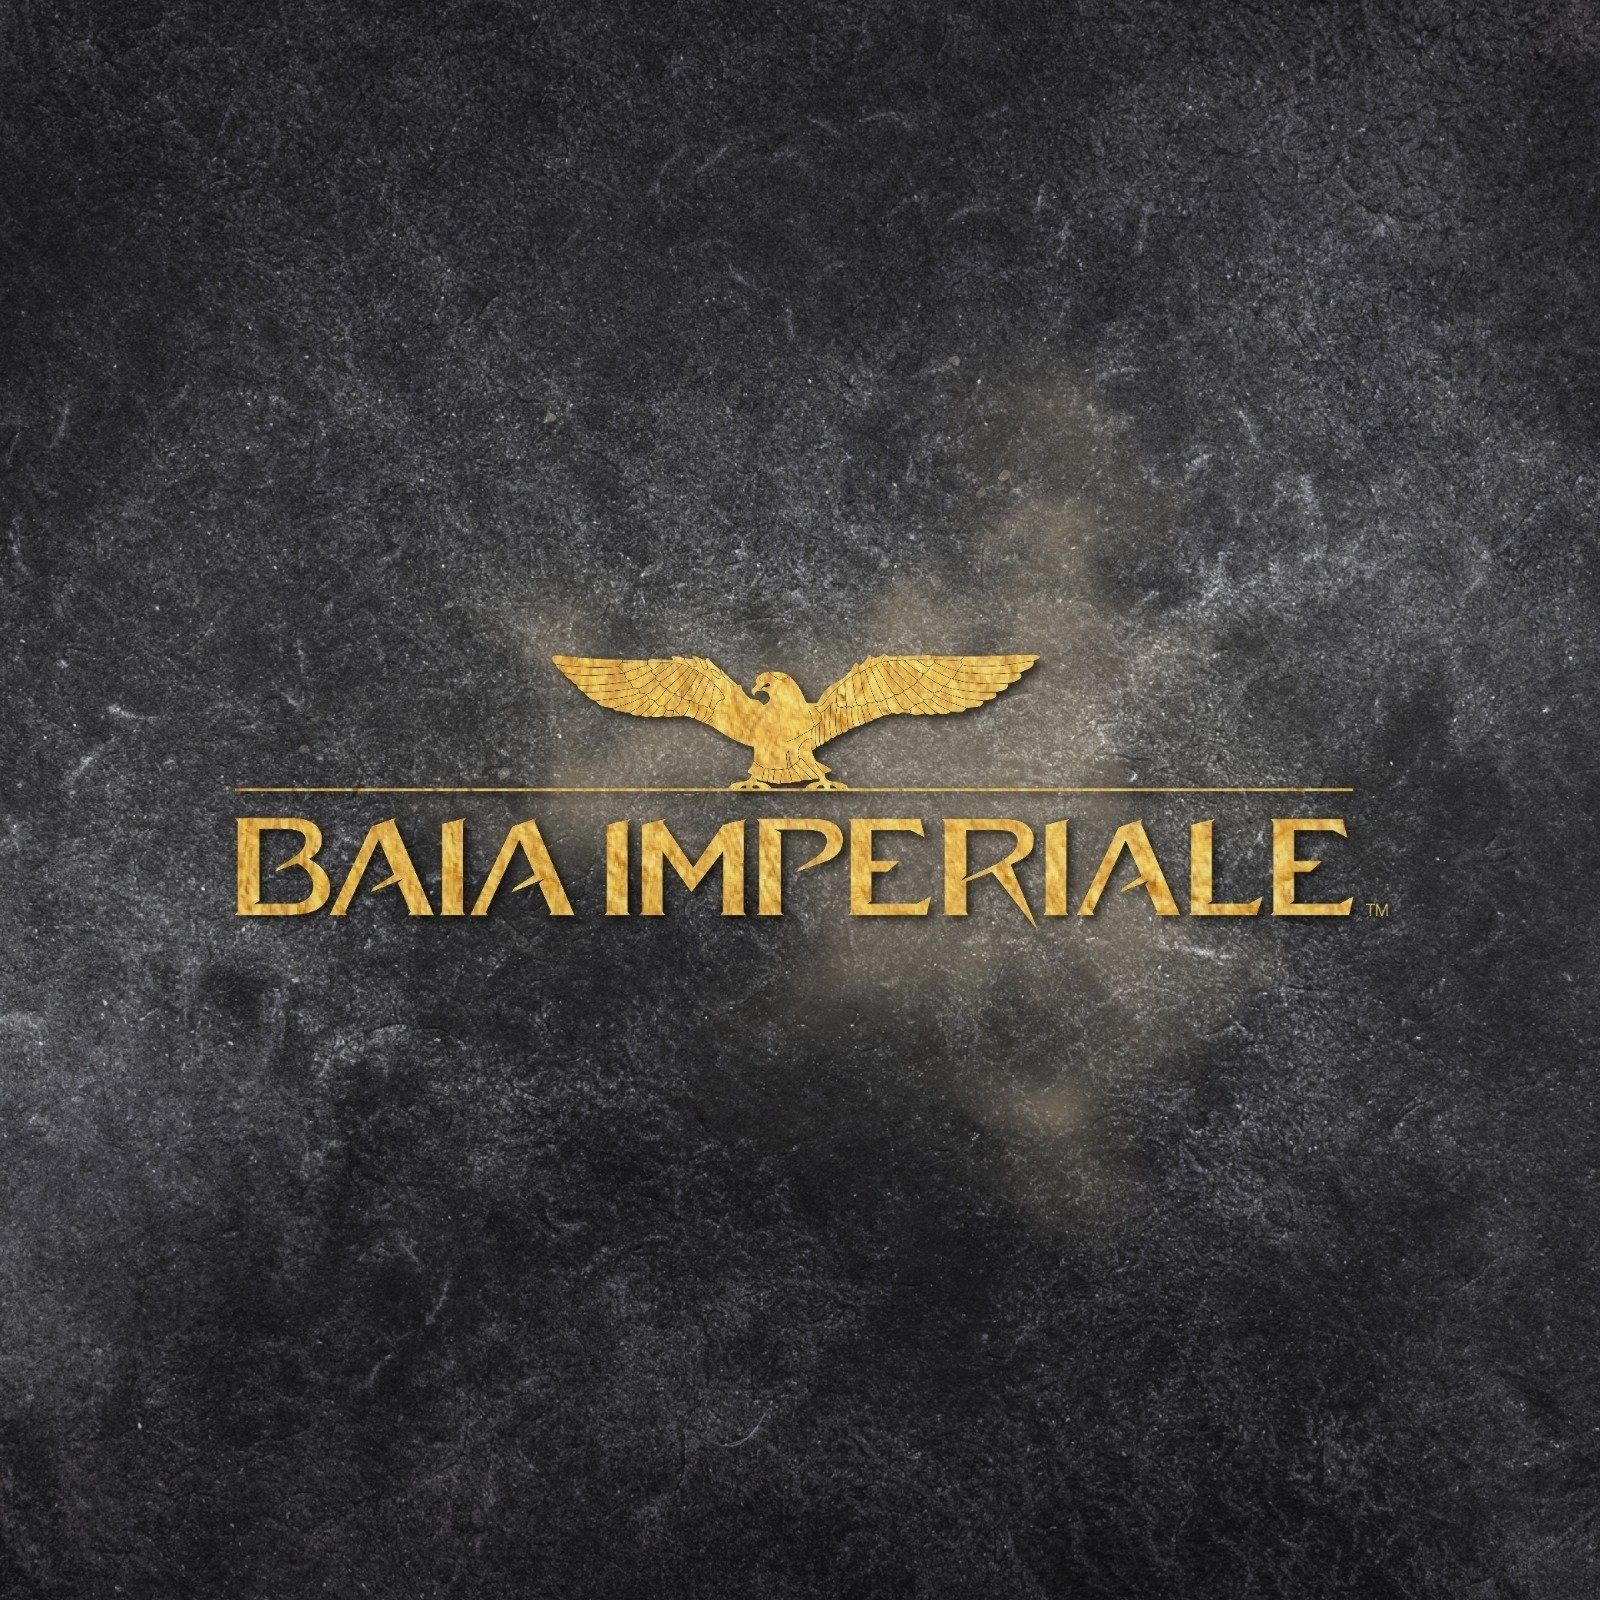 Baia Imperiale discoteca, Ferragosto 2021 parte II